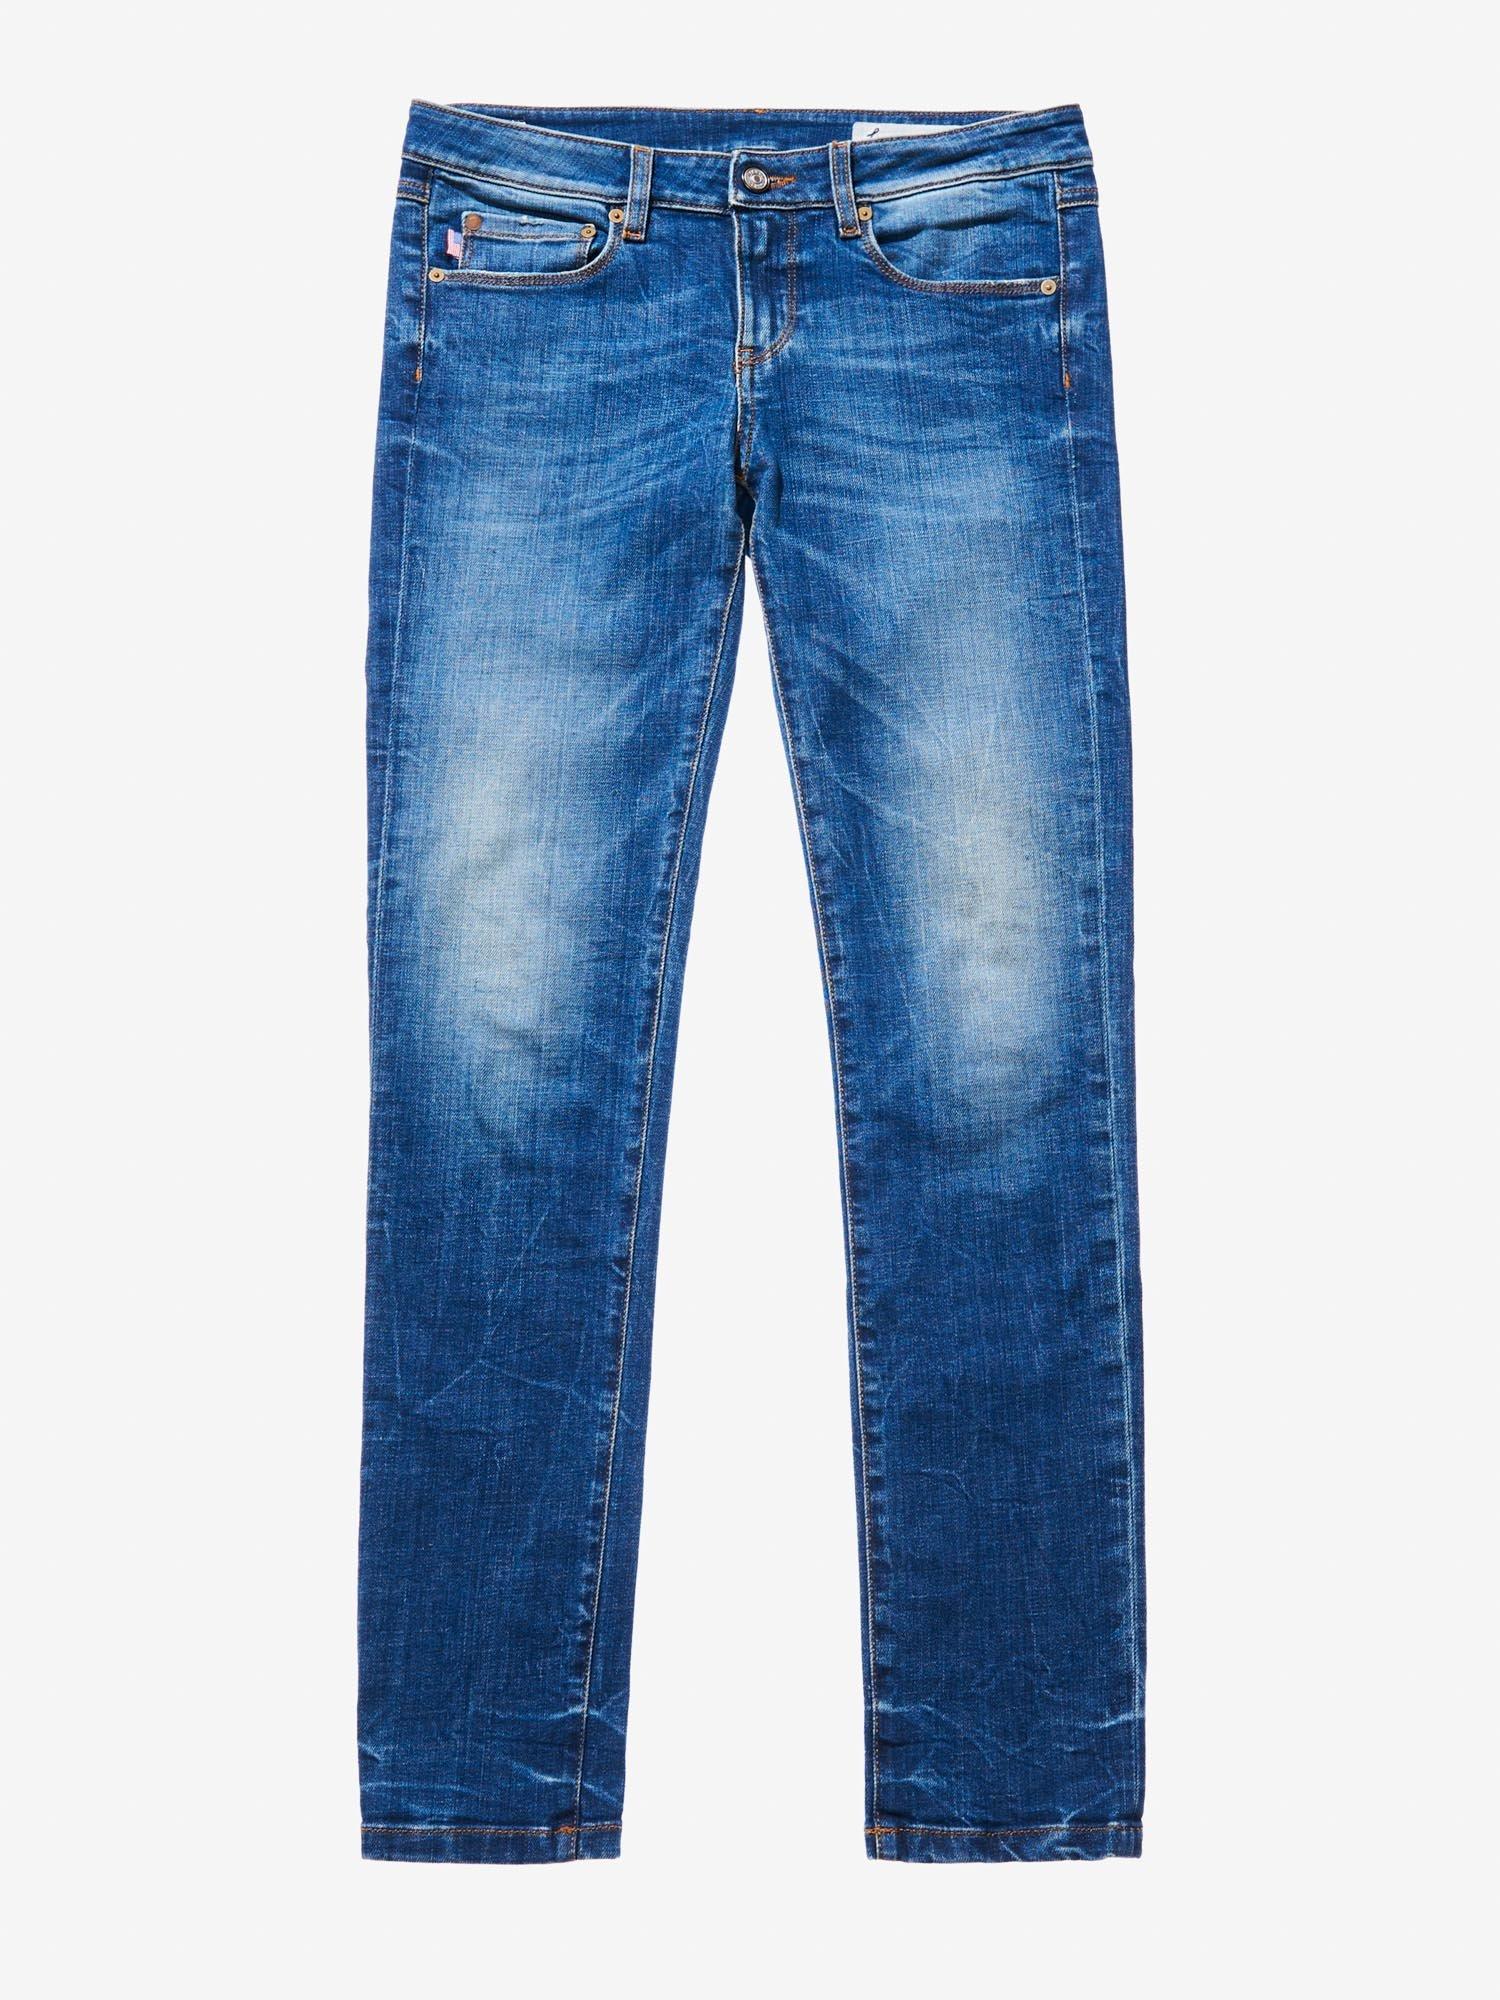 Blauer - DENIM BOOT CUT - Denim Washing - Blauer